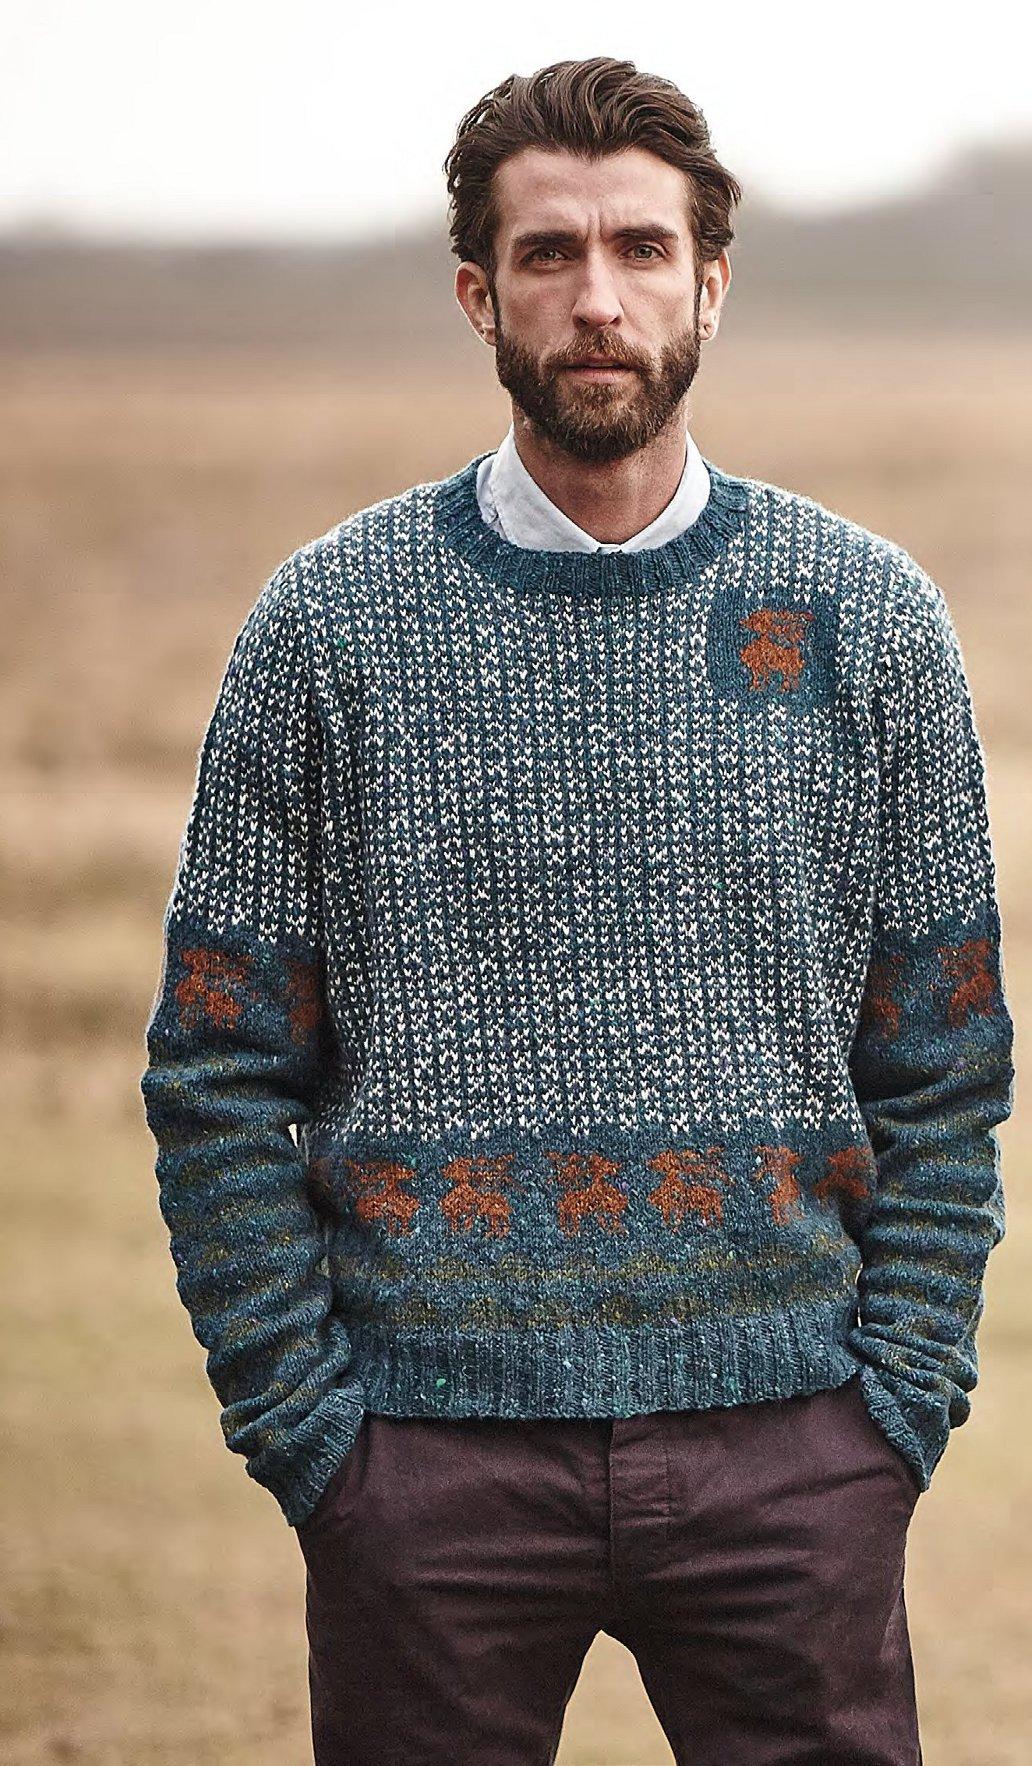 d660e4d0319cc Рождественский свитер и пуловер с оленями - Вяжи.ру